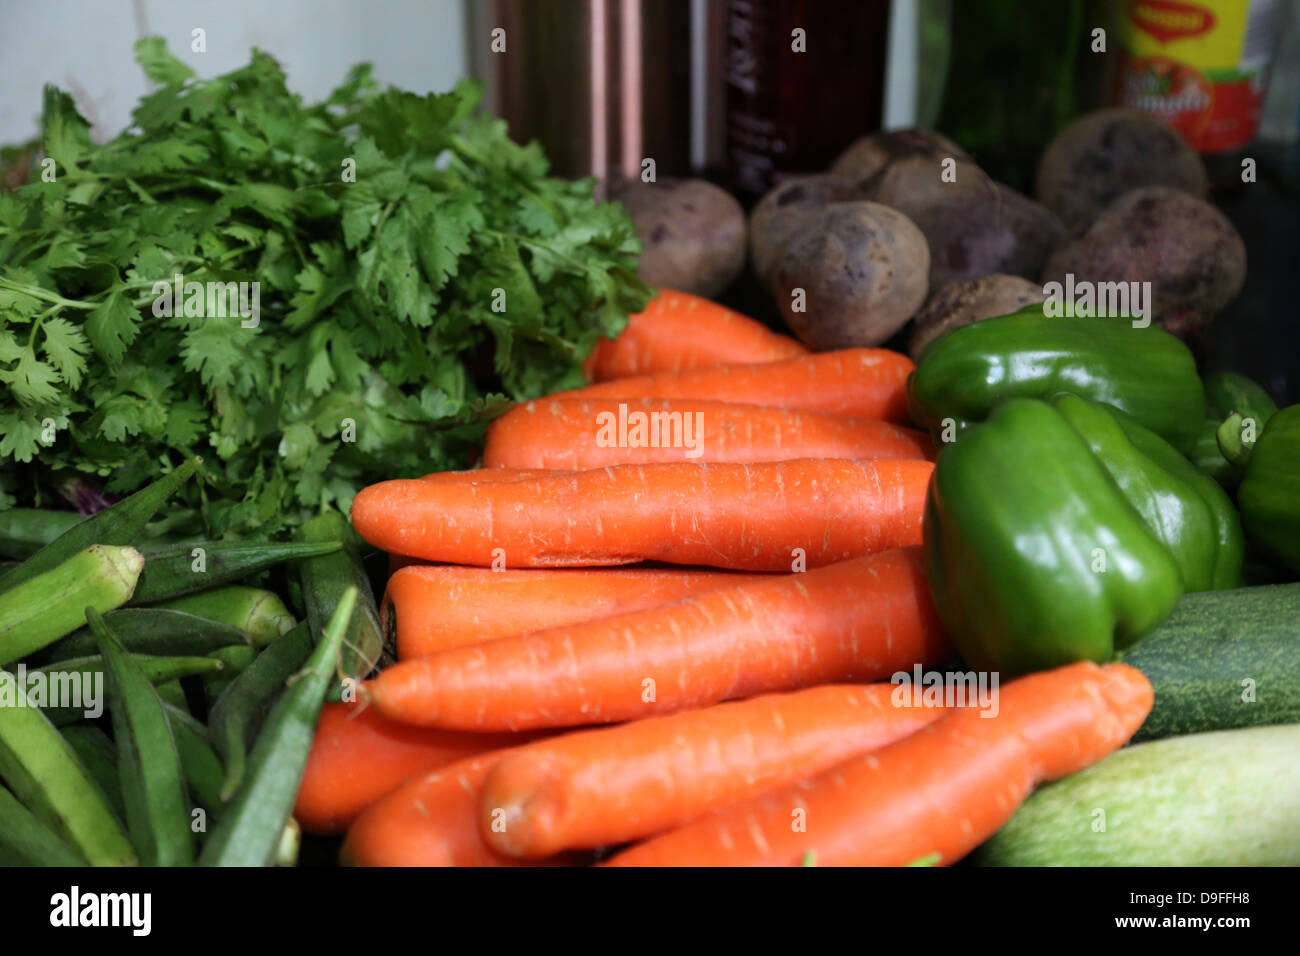 Frische reife Rebe Tomate auf dem Display die Landwirte vermarkten Tomatos, Rebe, rot, Markt, Obst, Gemüse, Bauernhof, gesunde, frische, Stockfoto